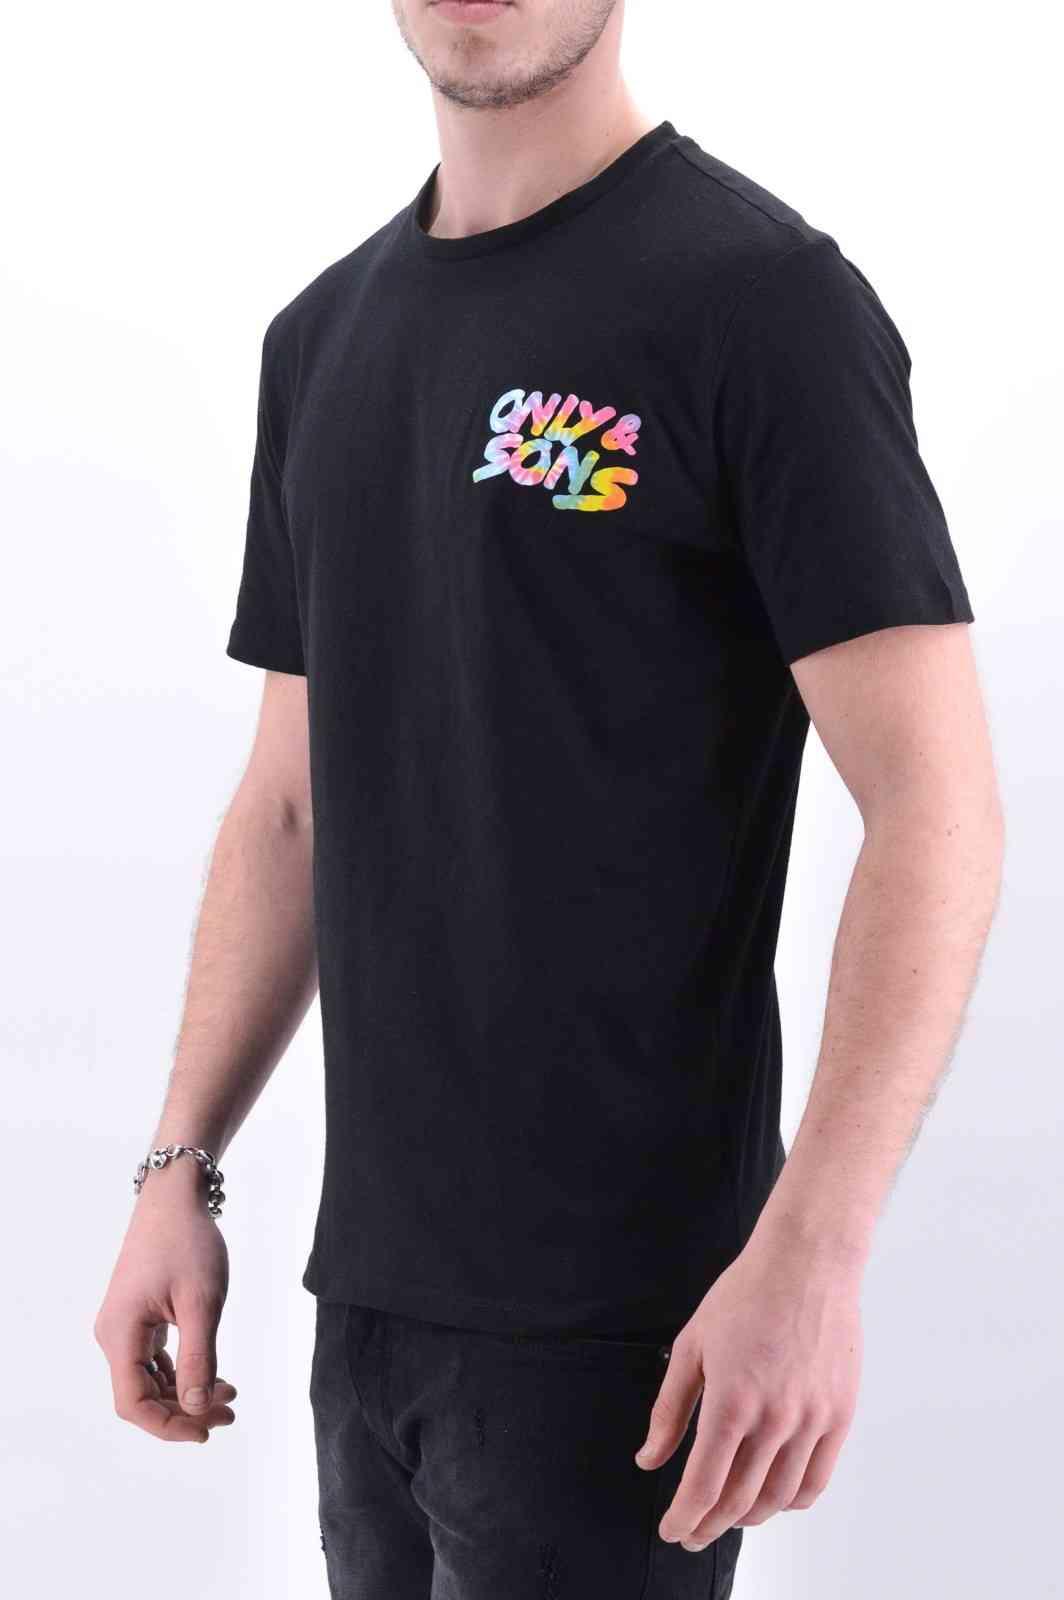 Choisir le T-shirt qui vous irait le mieux!!!